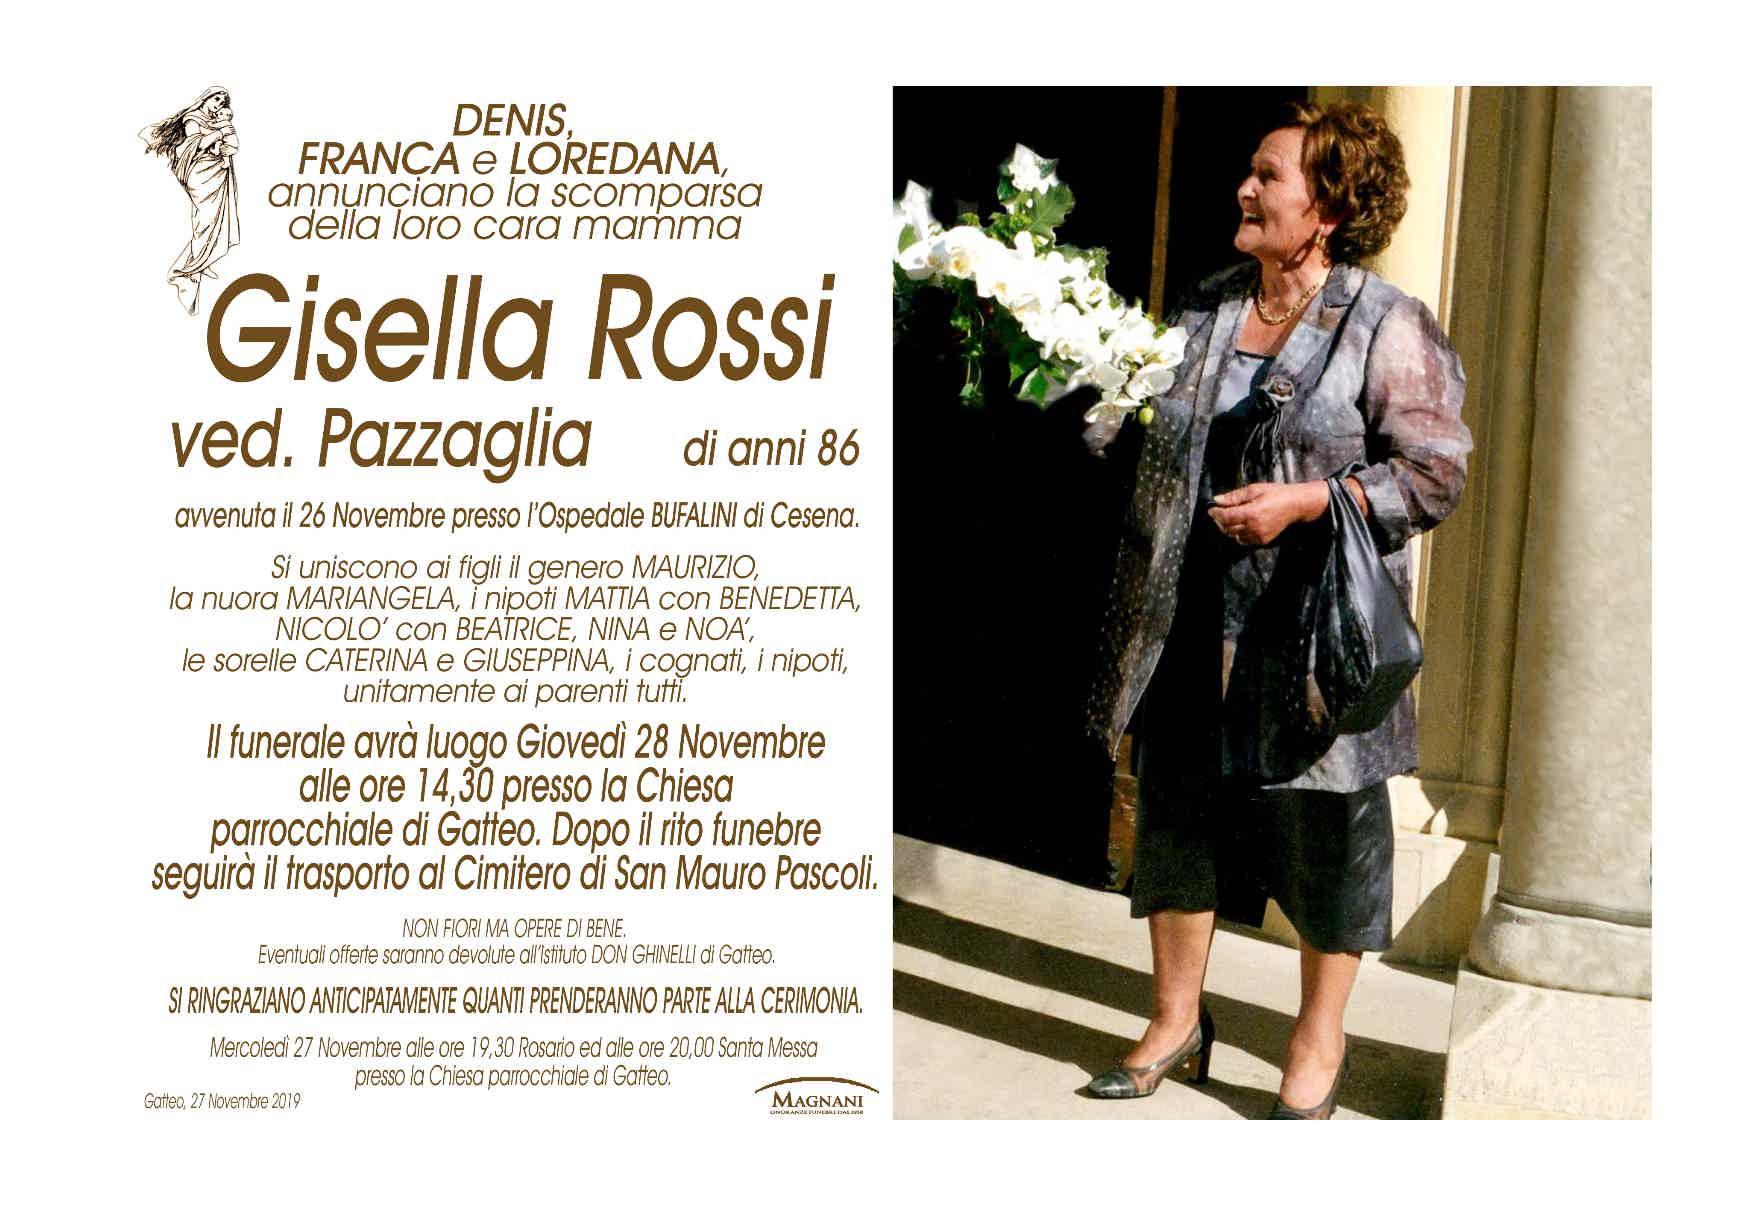 Gisella Rossi